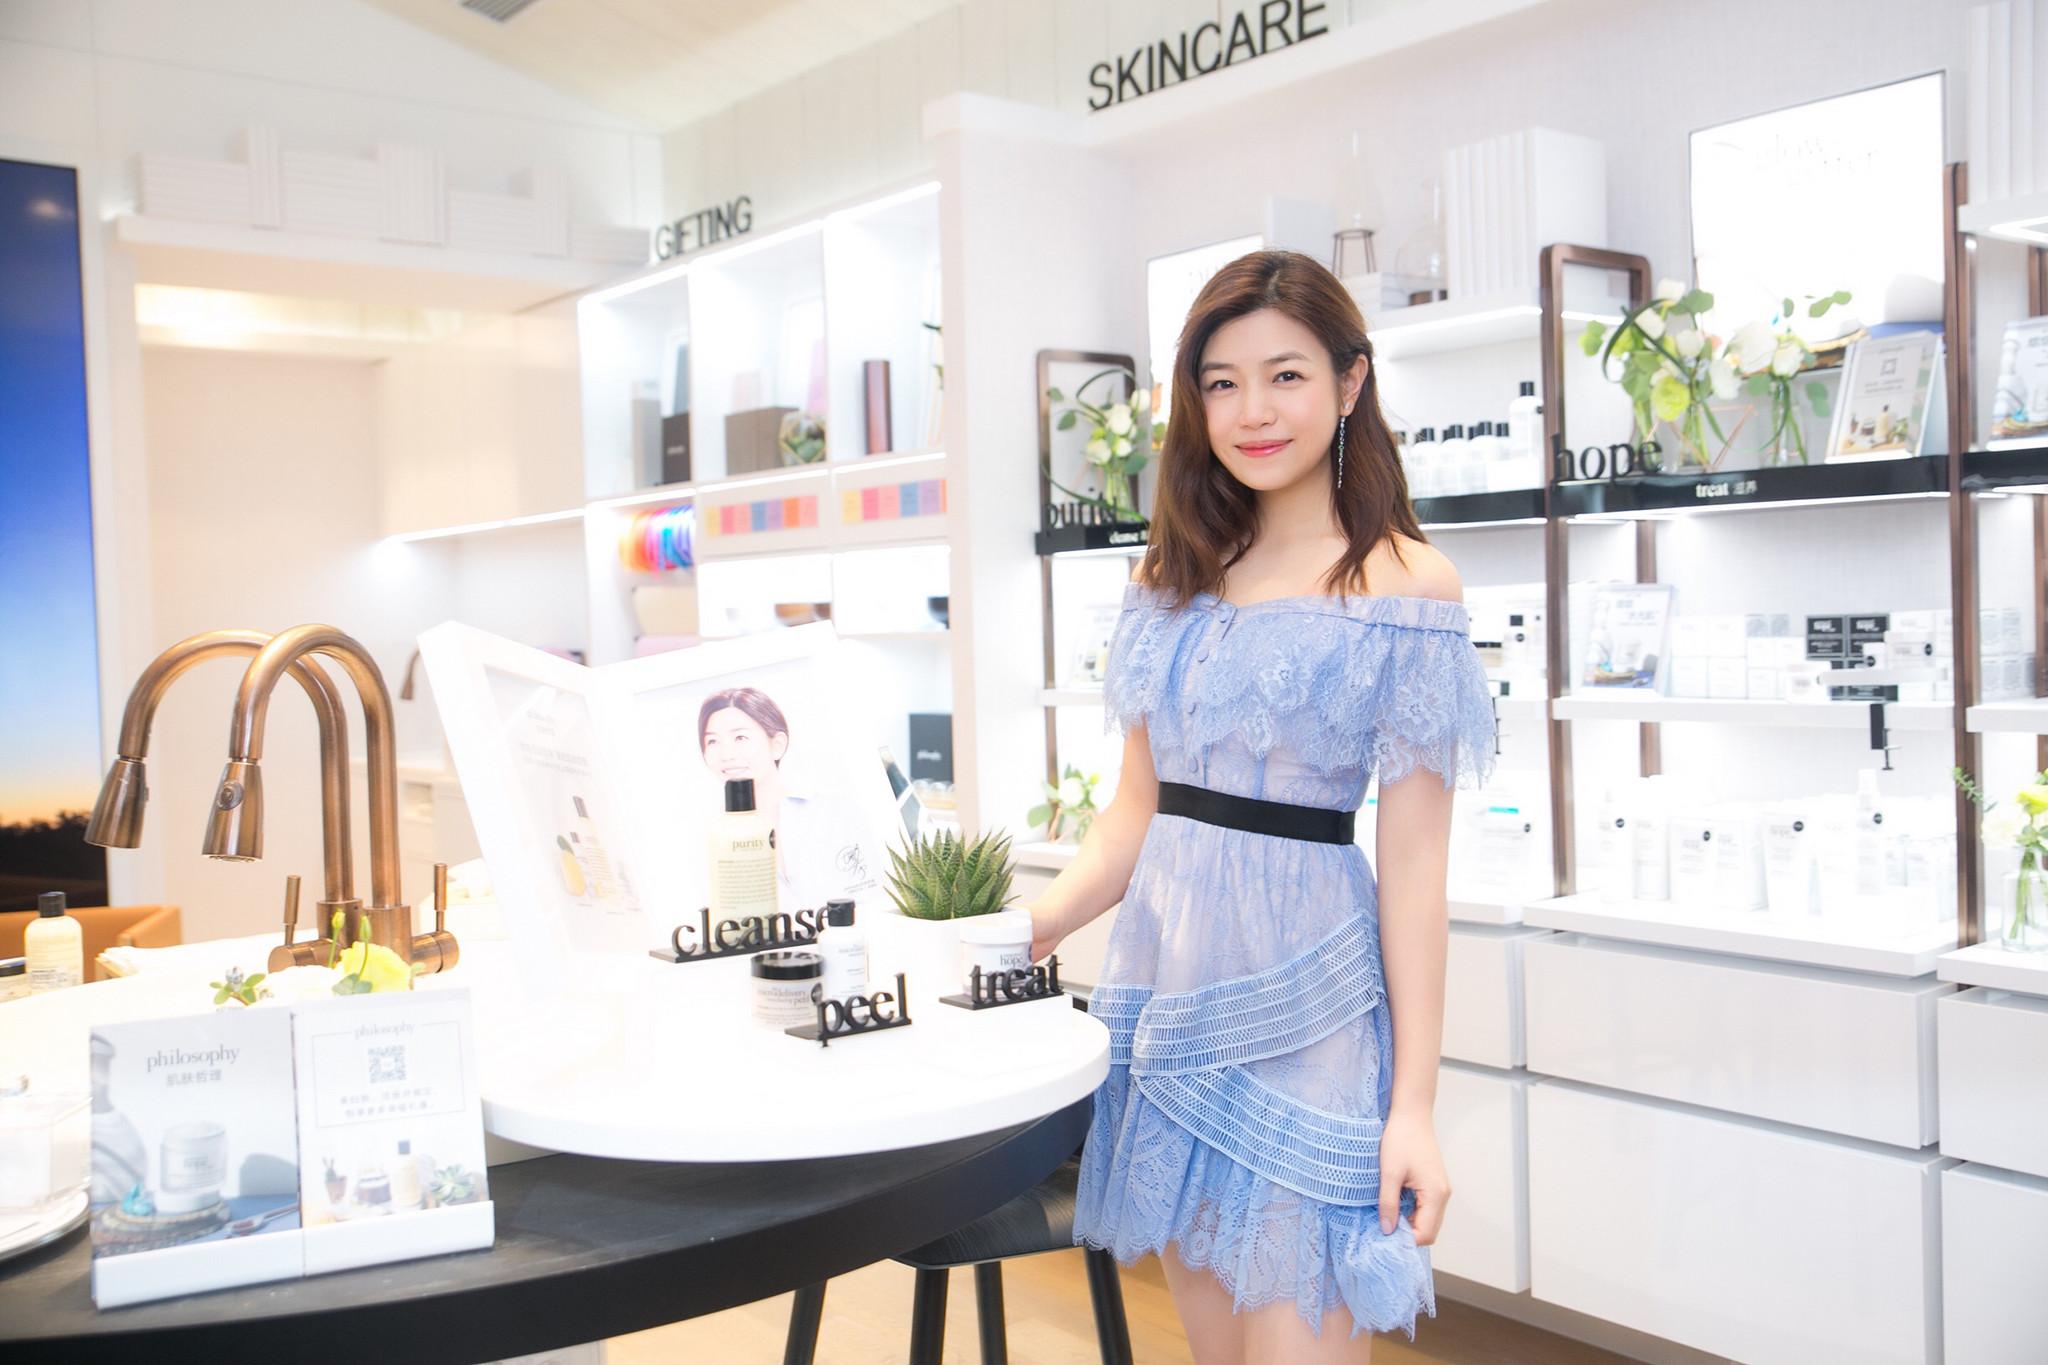 陈妍希亮相品牌活动 一袭天蓝连衣裙仙气十足